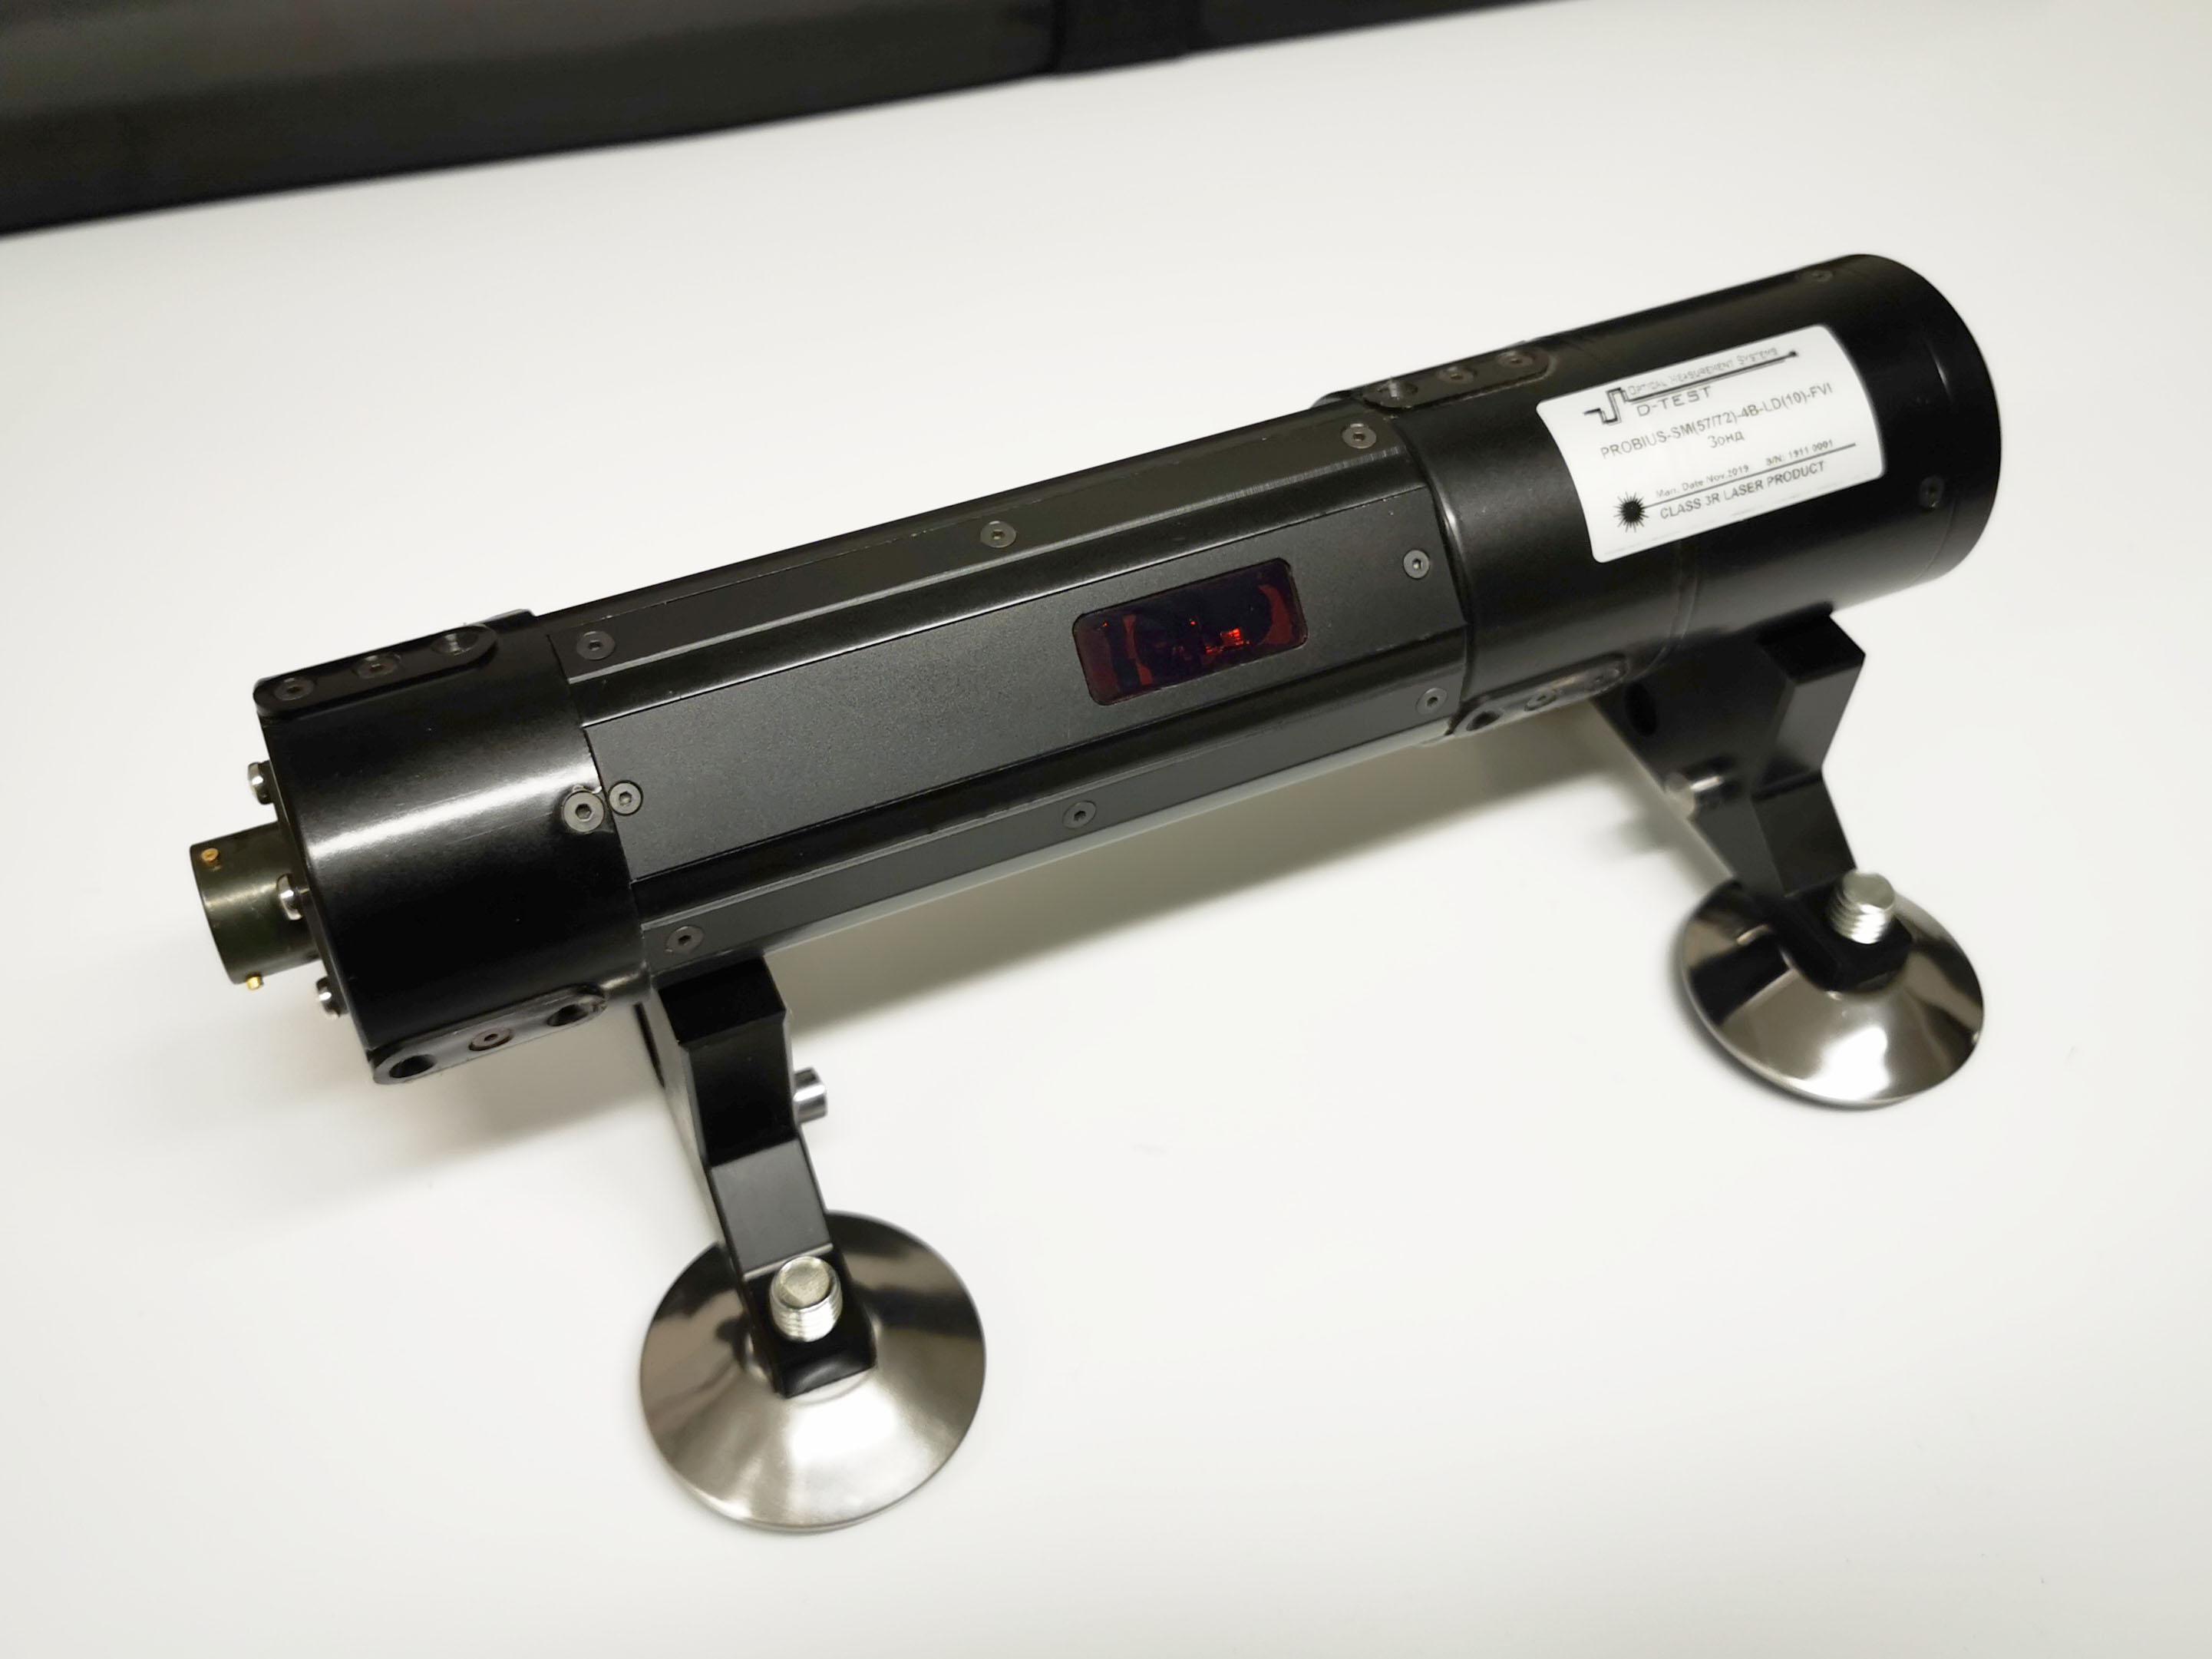 Прибор для видеоконтроля и лазерного измерения внутреннего диаметра и профиля внутренней поверхности труб